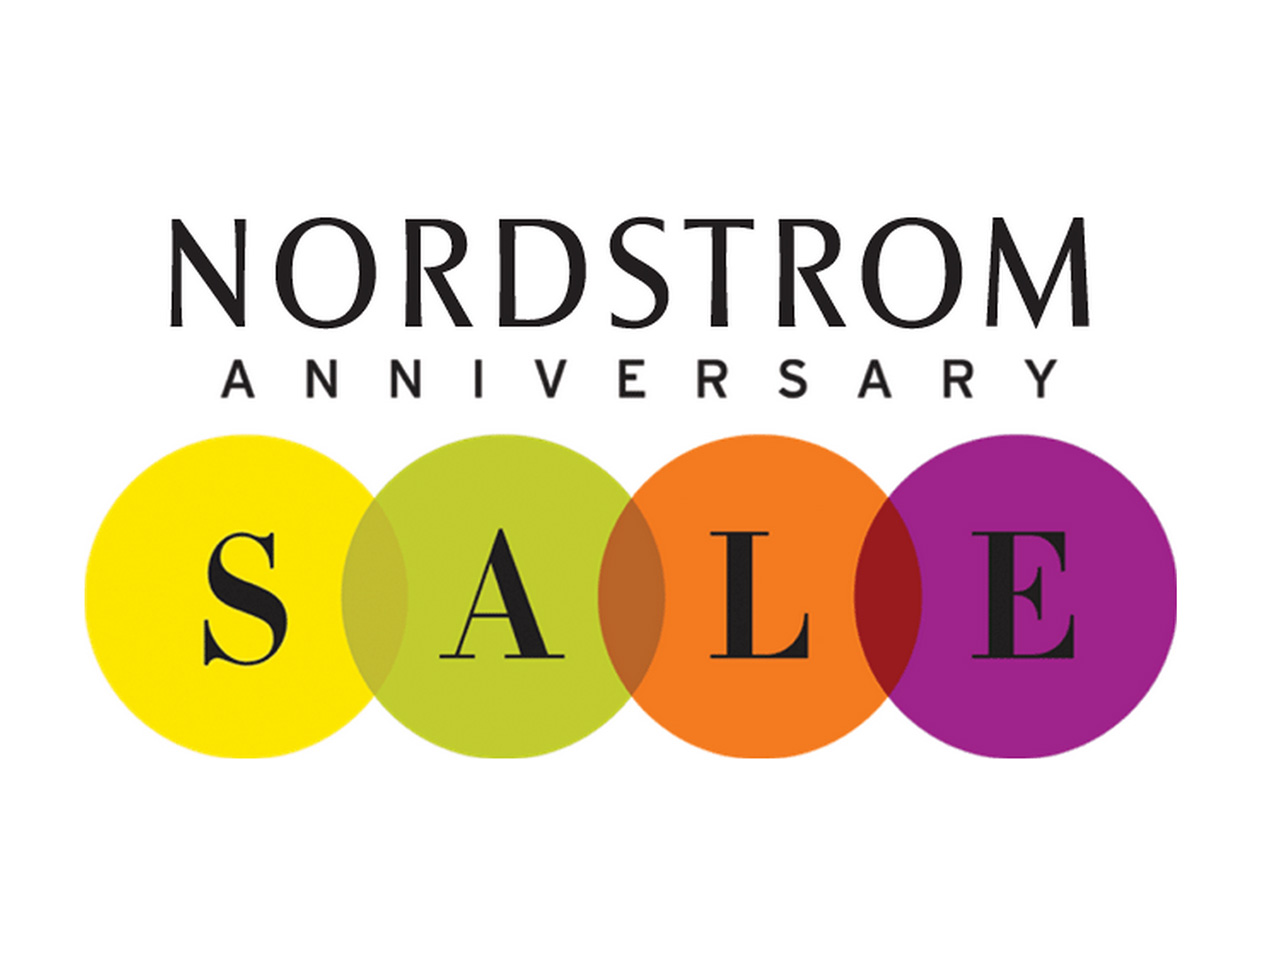 Nordstrom Sale 2017